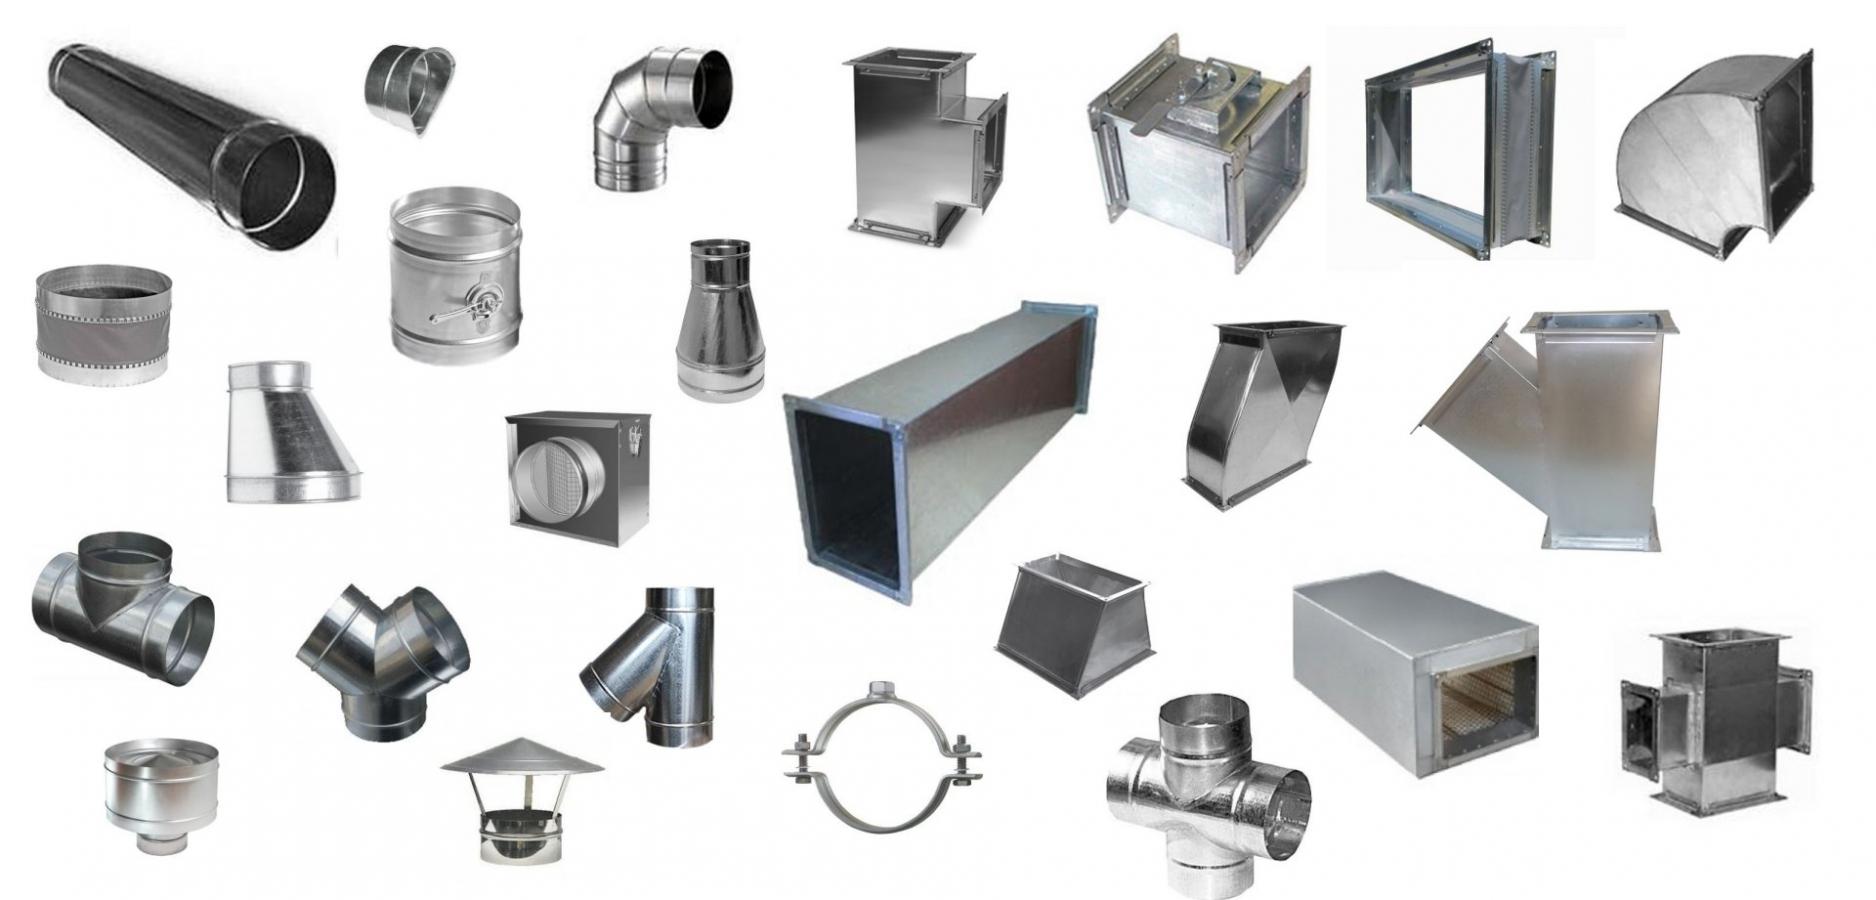 У нас можете купить вентиляционные системы: воздуховод, врезка, отвод, тройник, клапан (дроссельная заслонка), гибкая вставка, переход, утка, тройник (штаны), шумоглушитель, крестовина, дефлектор, зонт, хомут.